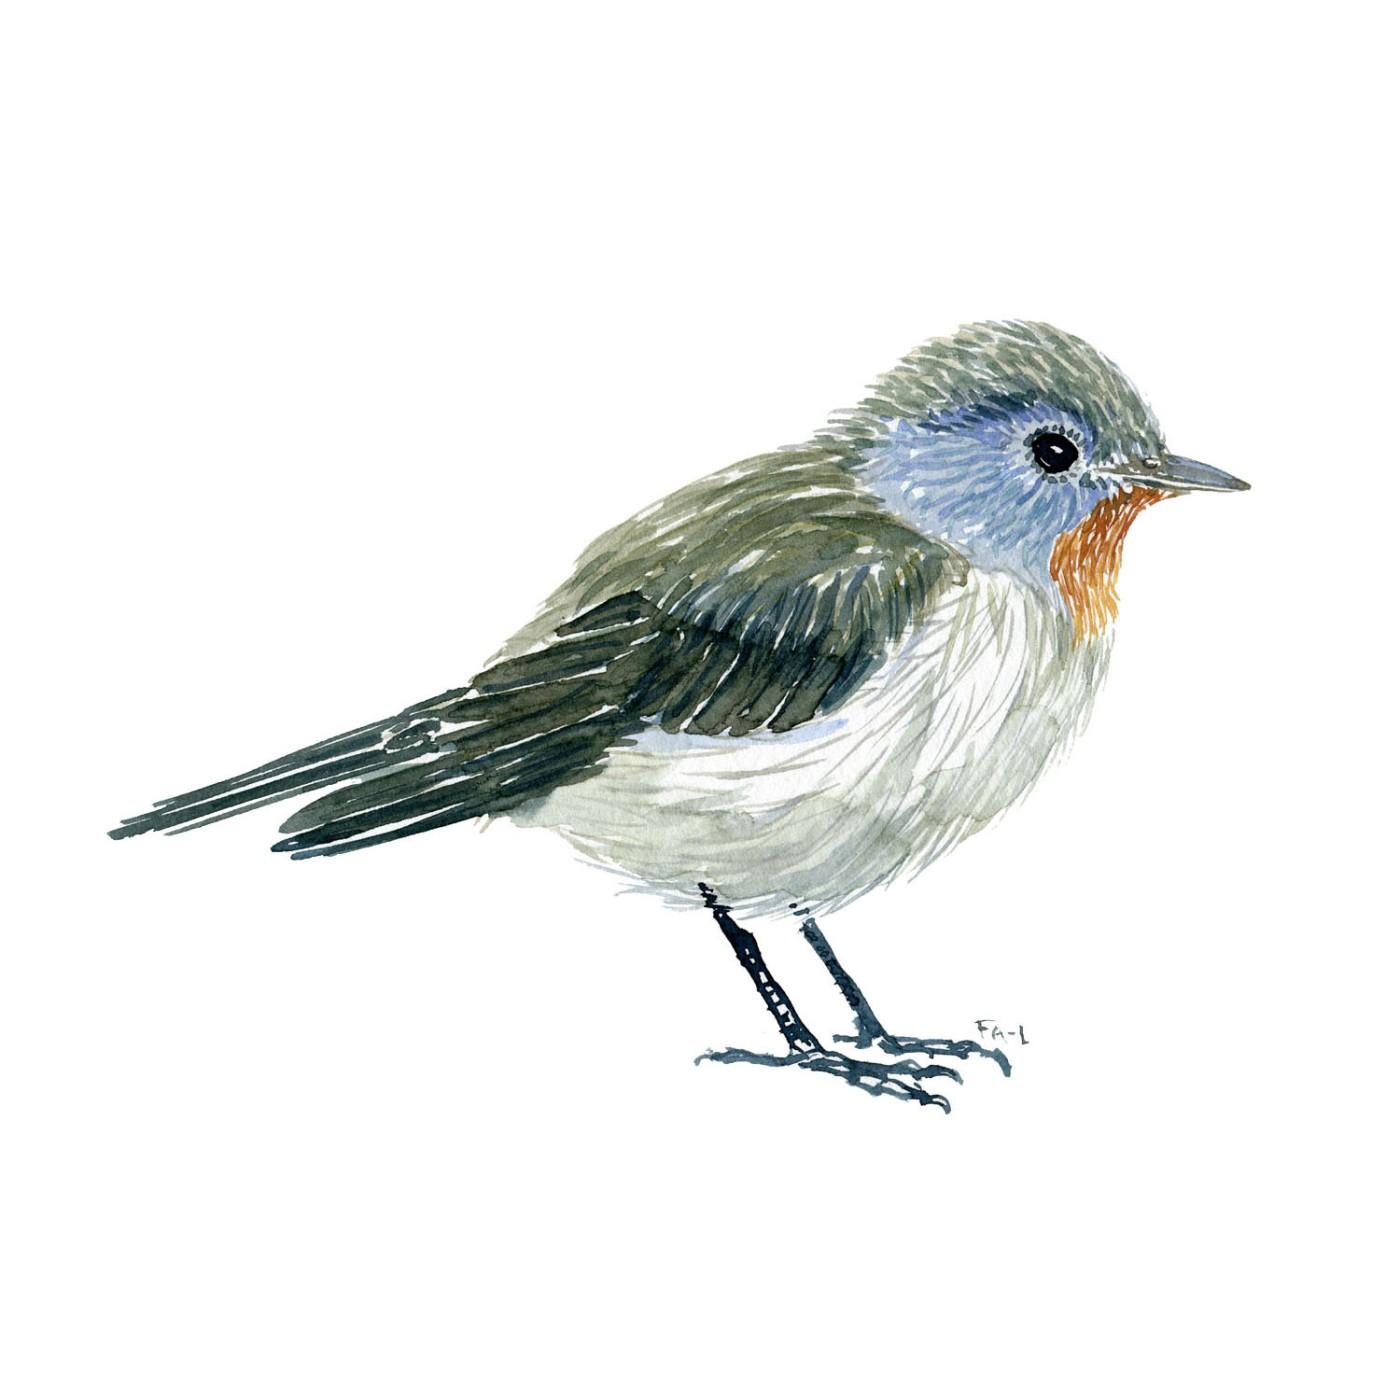 Lille Fluesnapper fugle illustration. Akvarel af Frits Ahlefeldt. Biodiversitet i Danmark